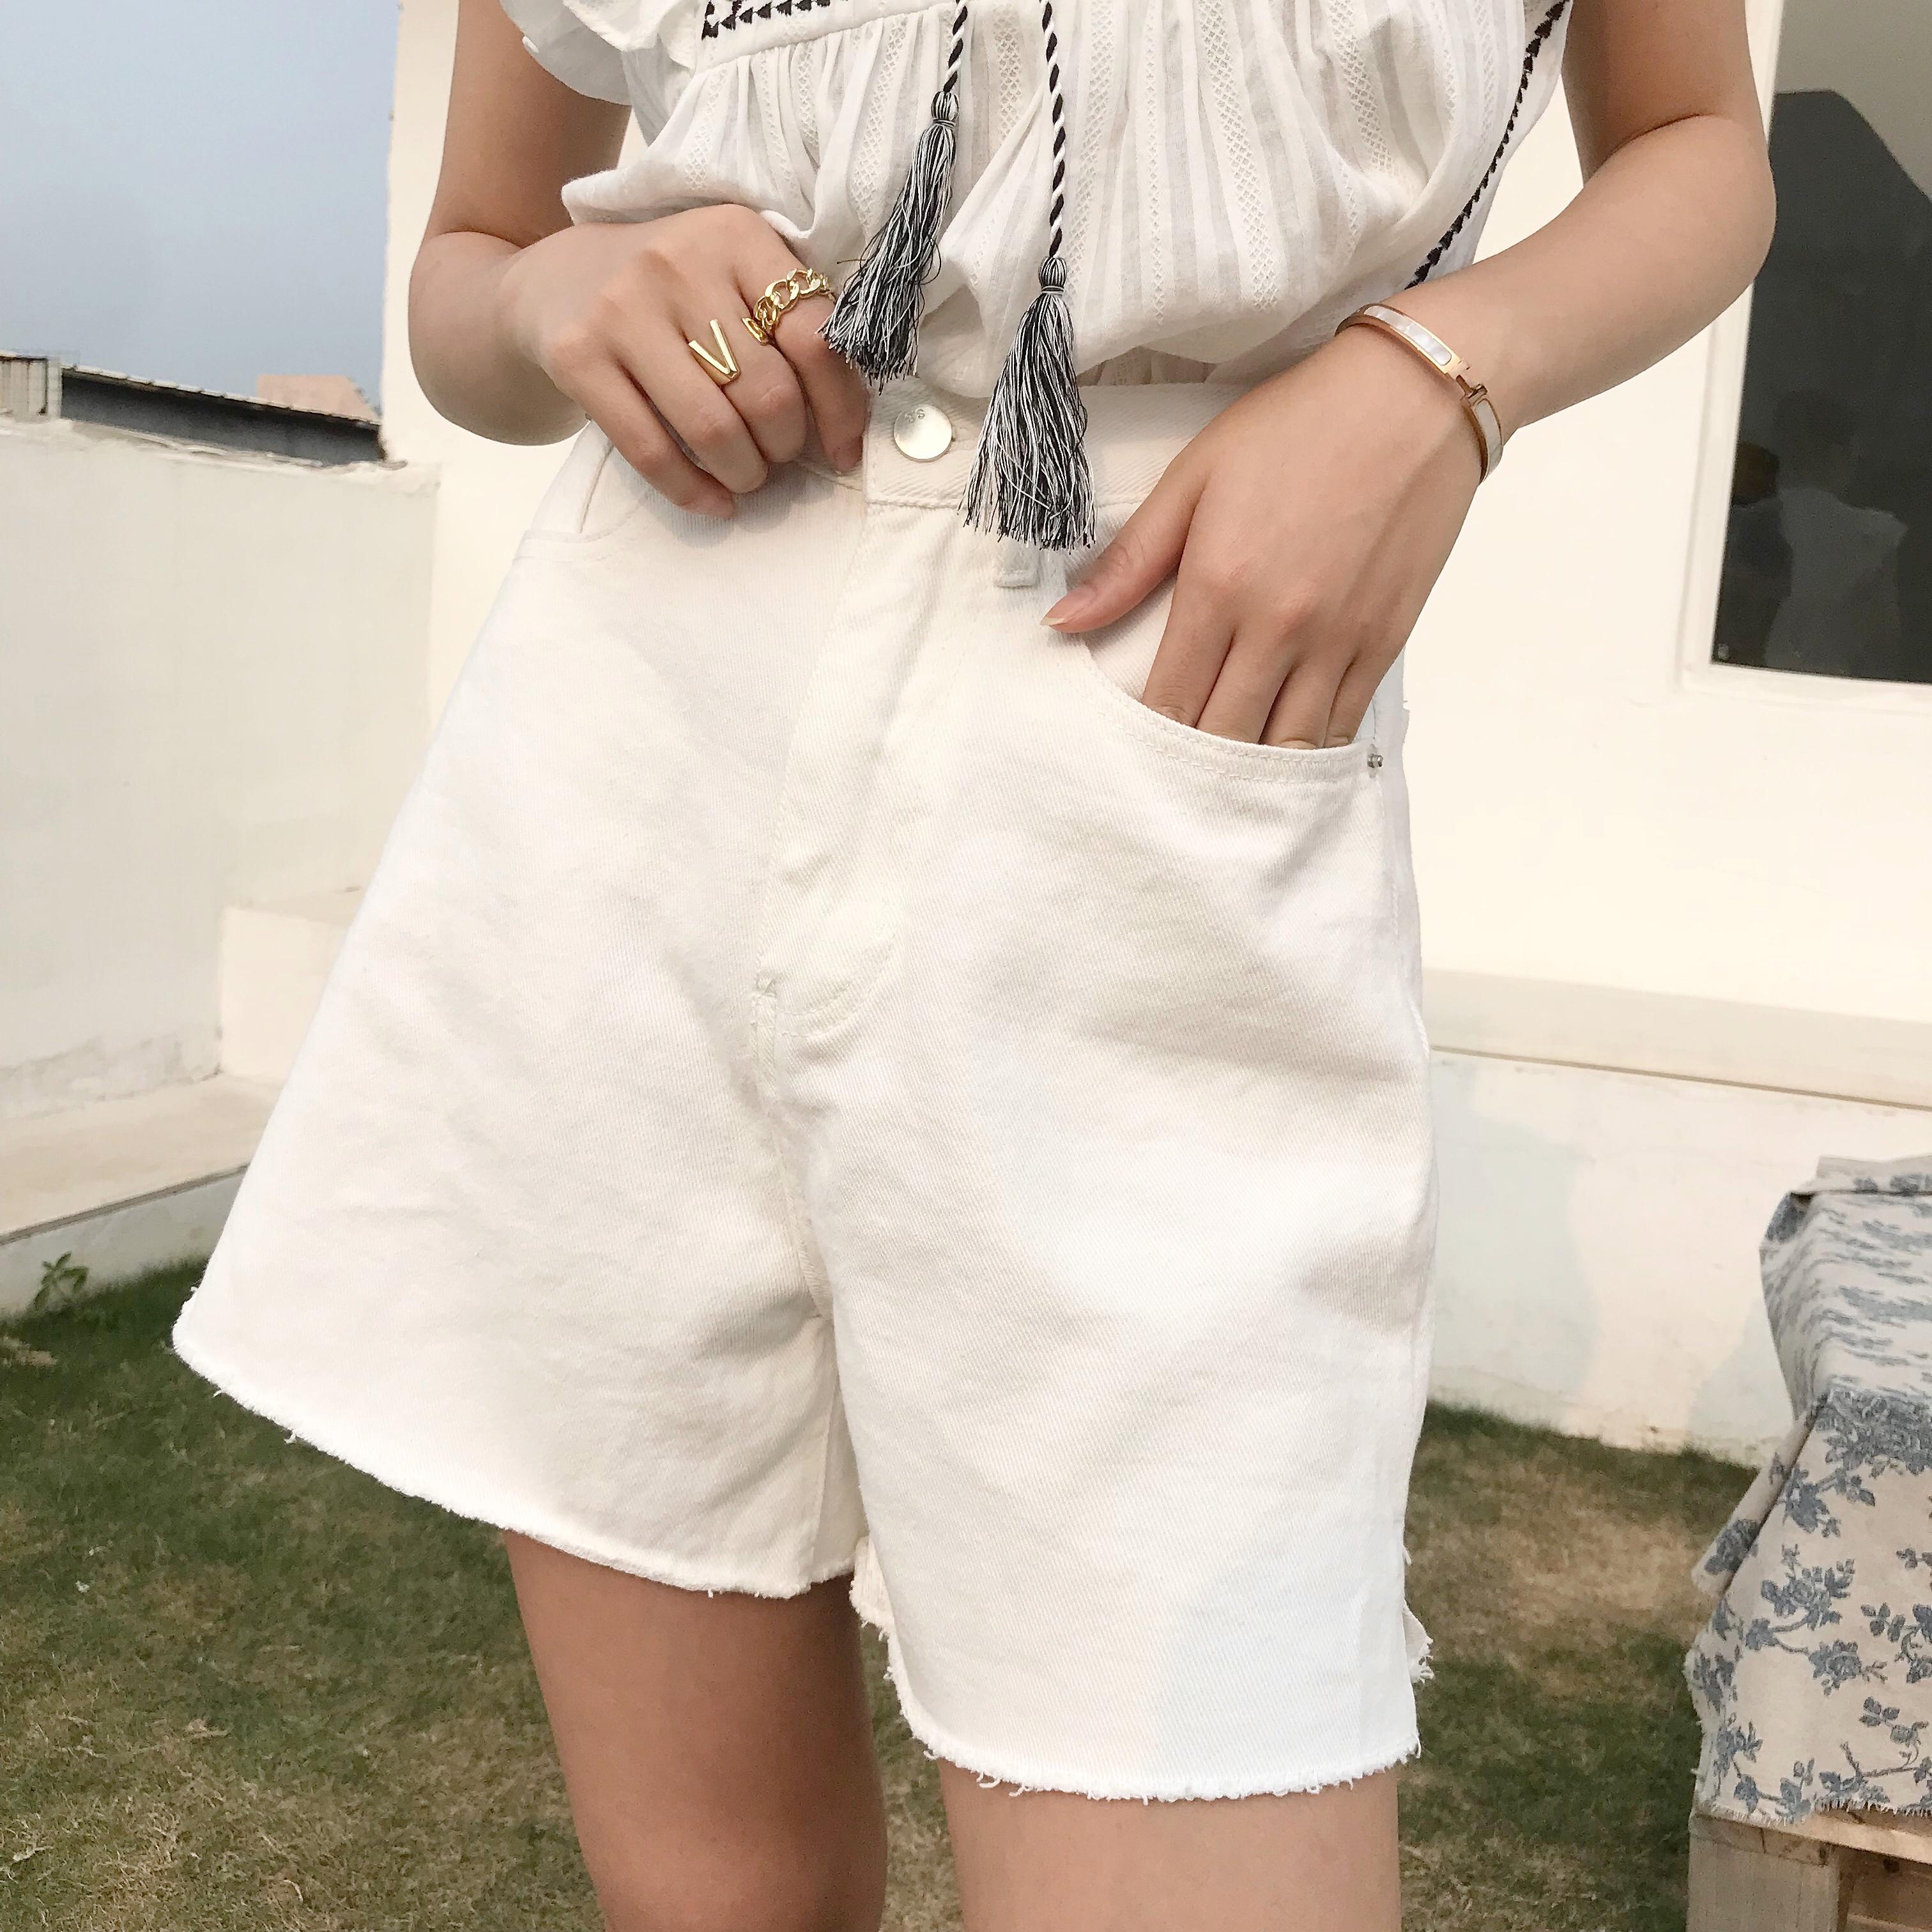 牛仔短裤 2020 Davida 女装牛仔休闲短裤 DS0315_推荐淘宝好看的女牛仔短裤